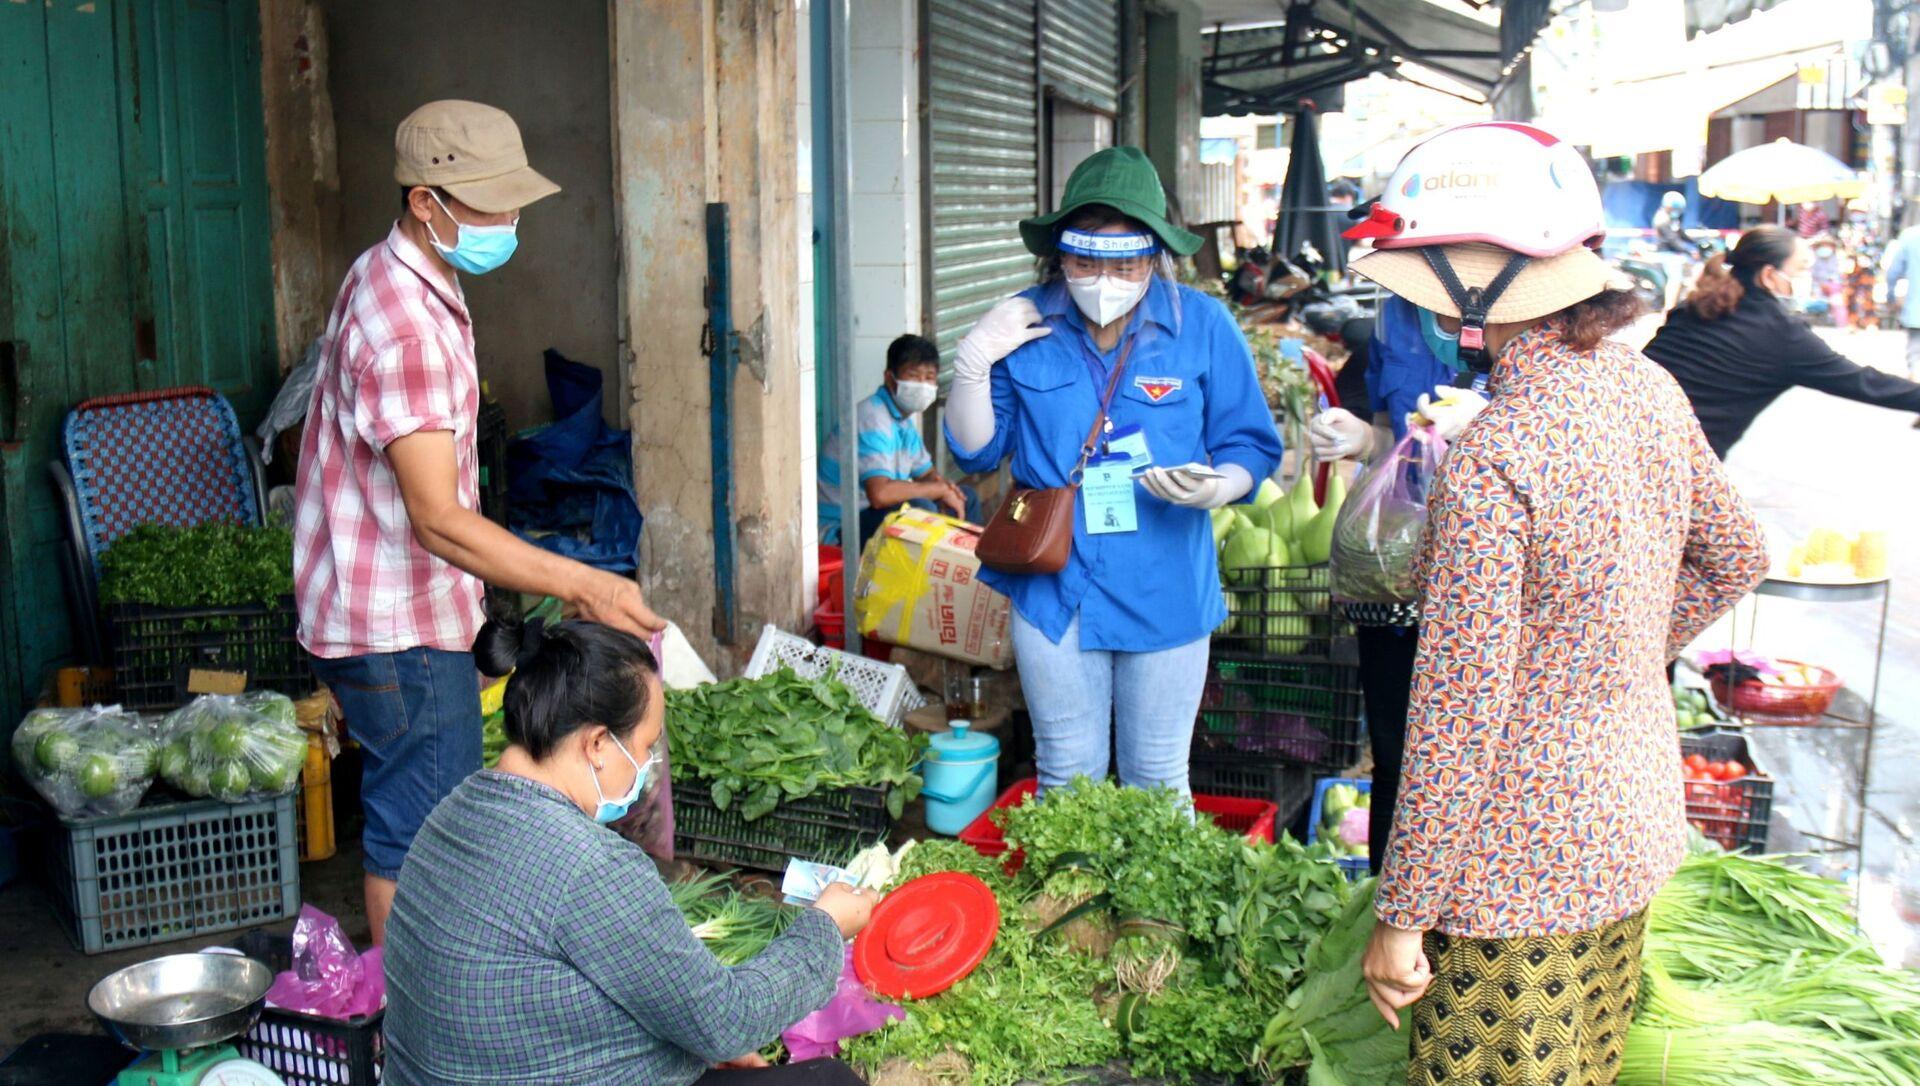 COVID-19: Đội shipper xanh đi chợ giúp dân tại Phan Thiết - Sputnik Việt Nam, 1920, 05.08.2021